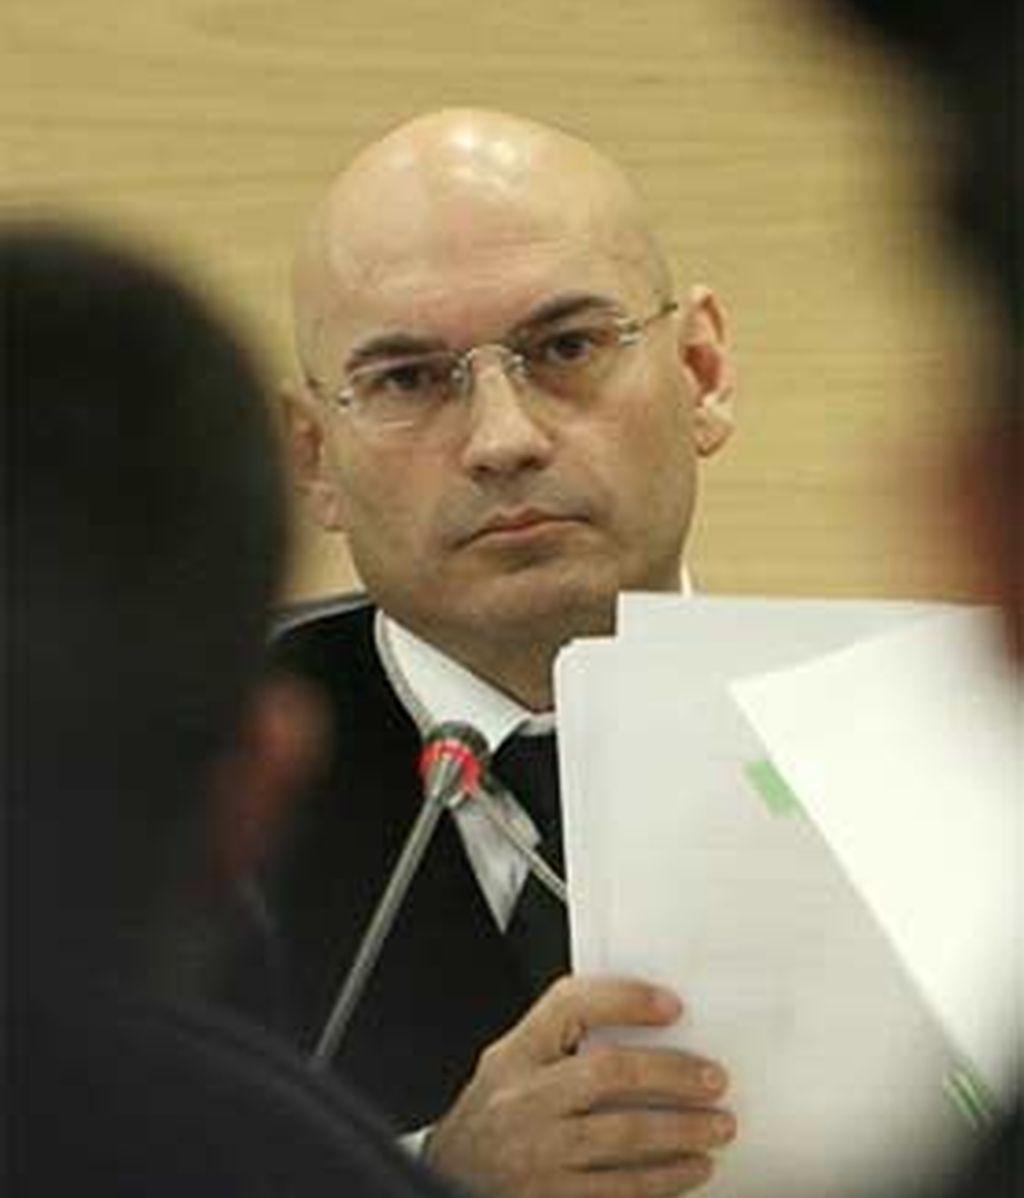 Javier Gómez Bermúdez prohibió a la letrada asistir a un juicio con velo. FOTO: EFE / Archivo